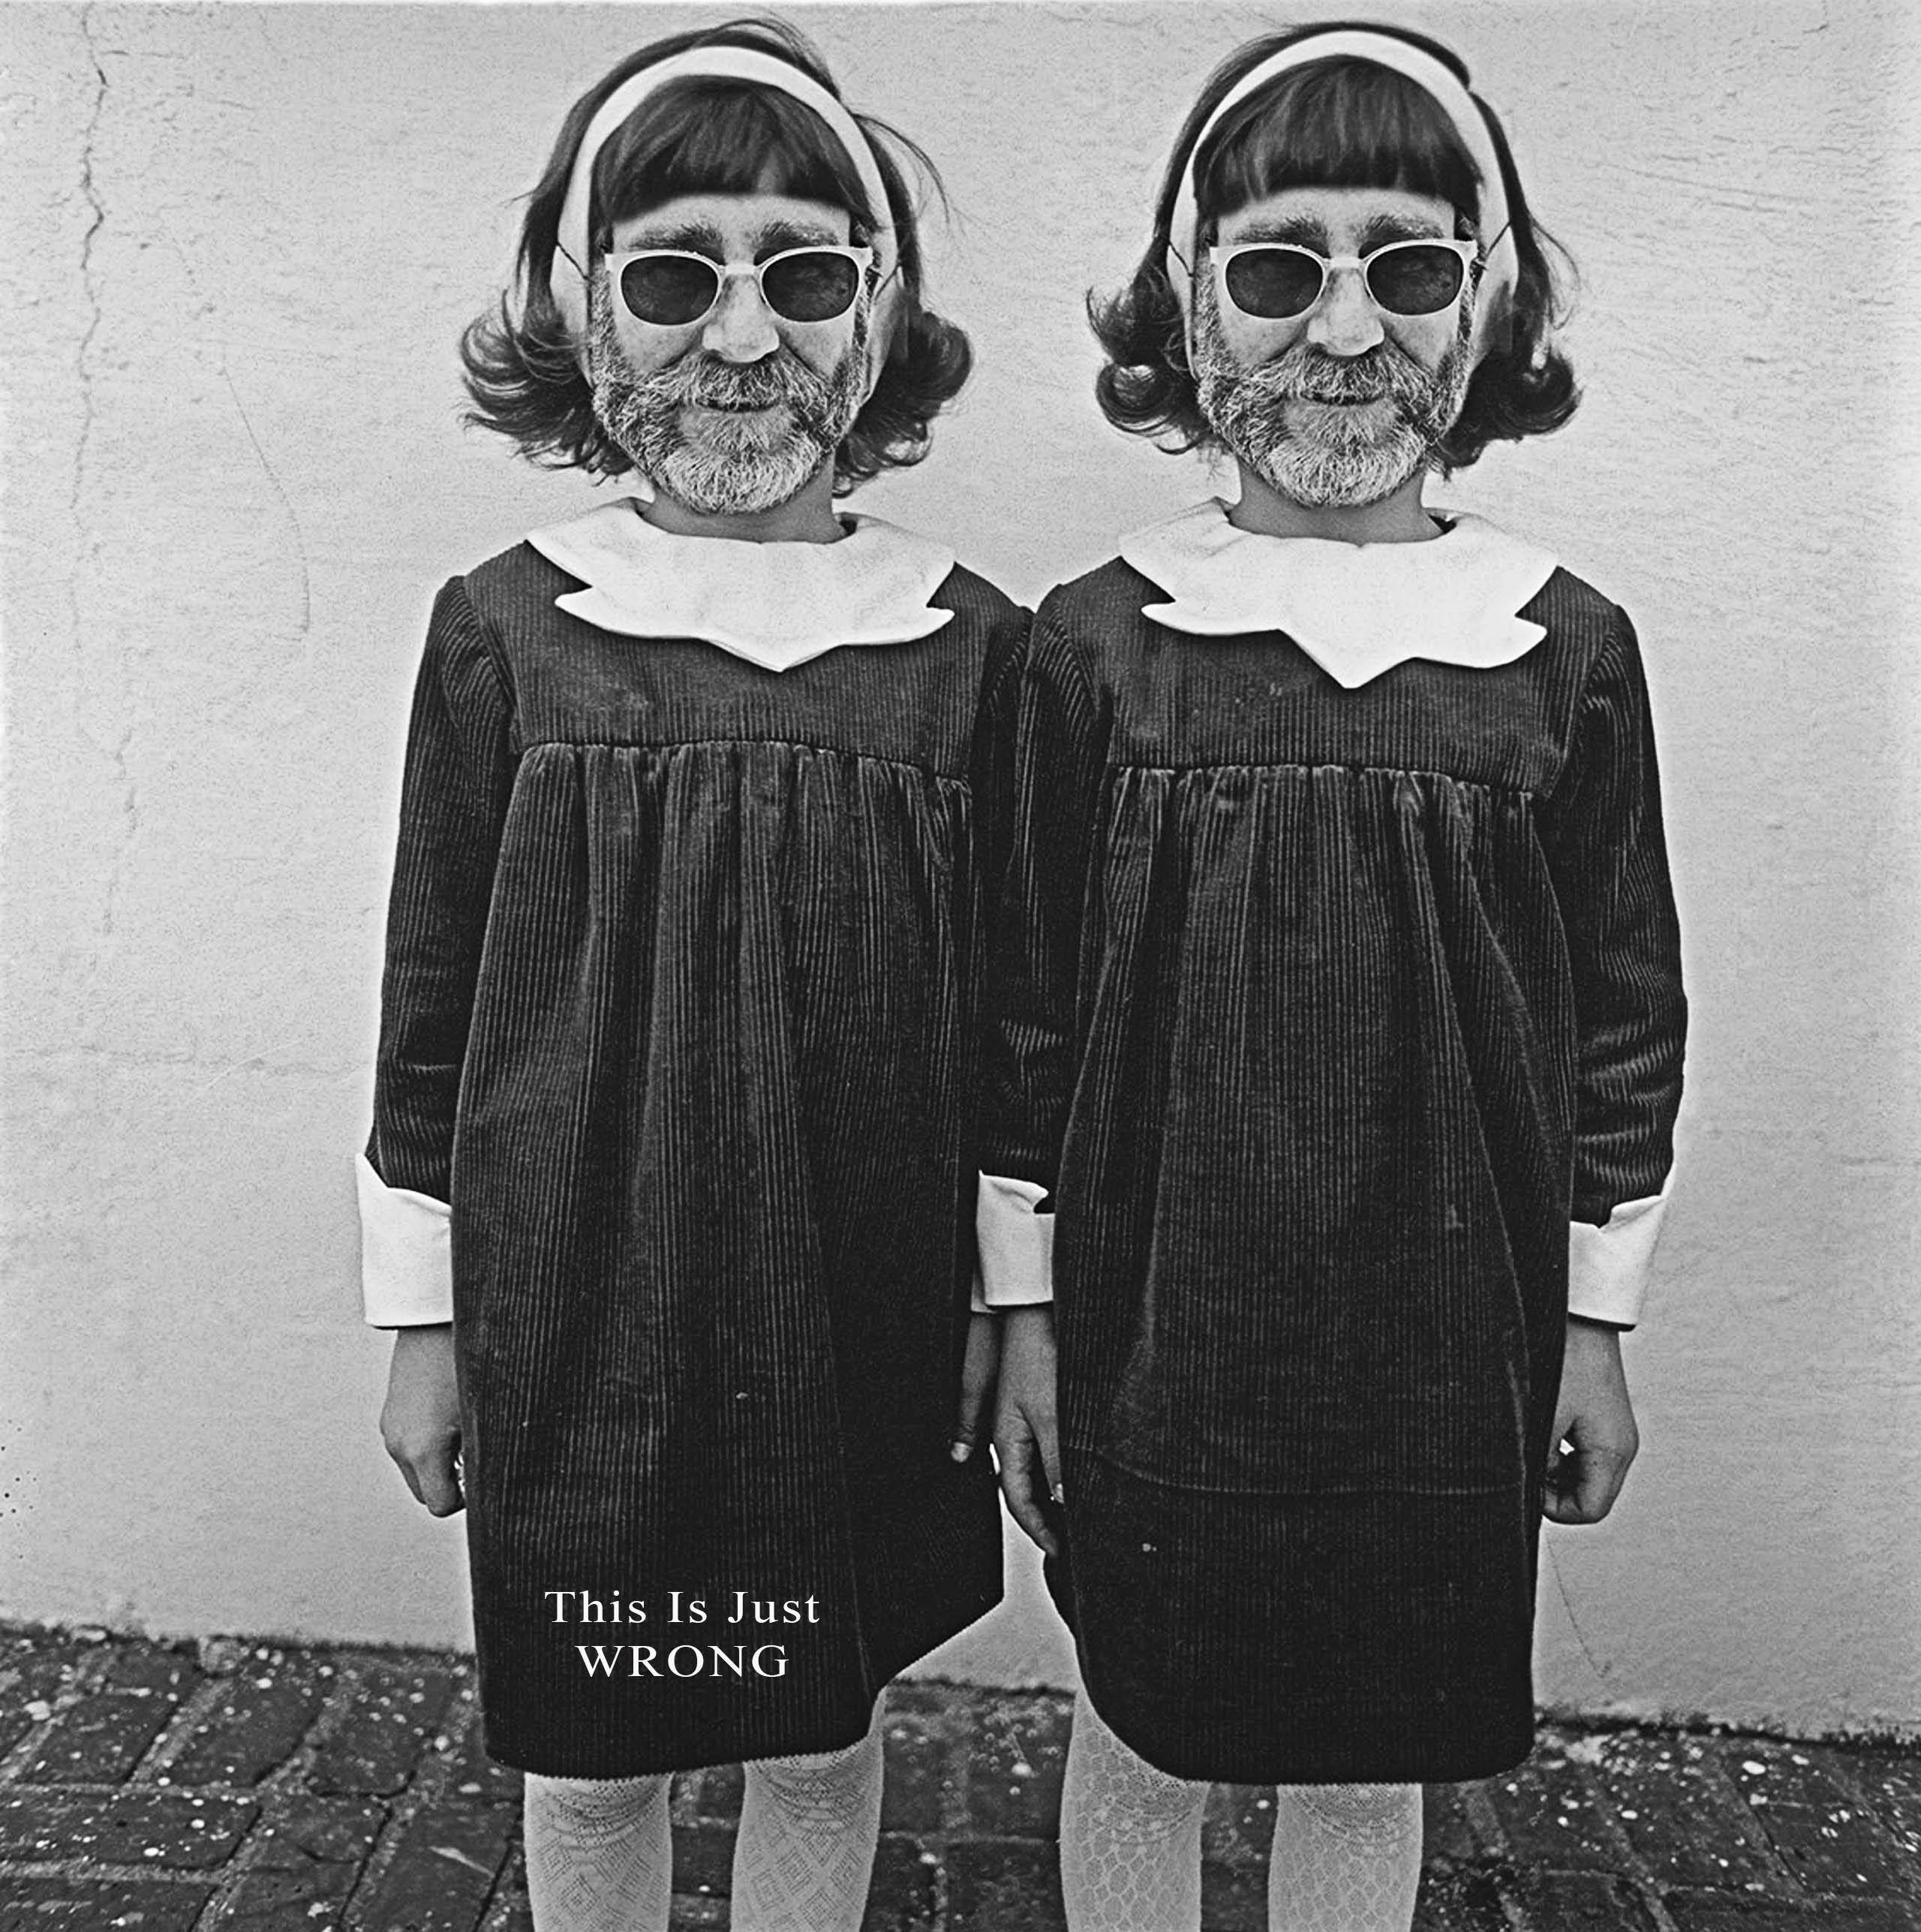 Identische Zwillinge, Roselle, N.J., 1967